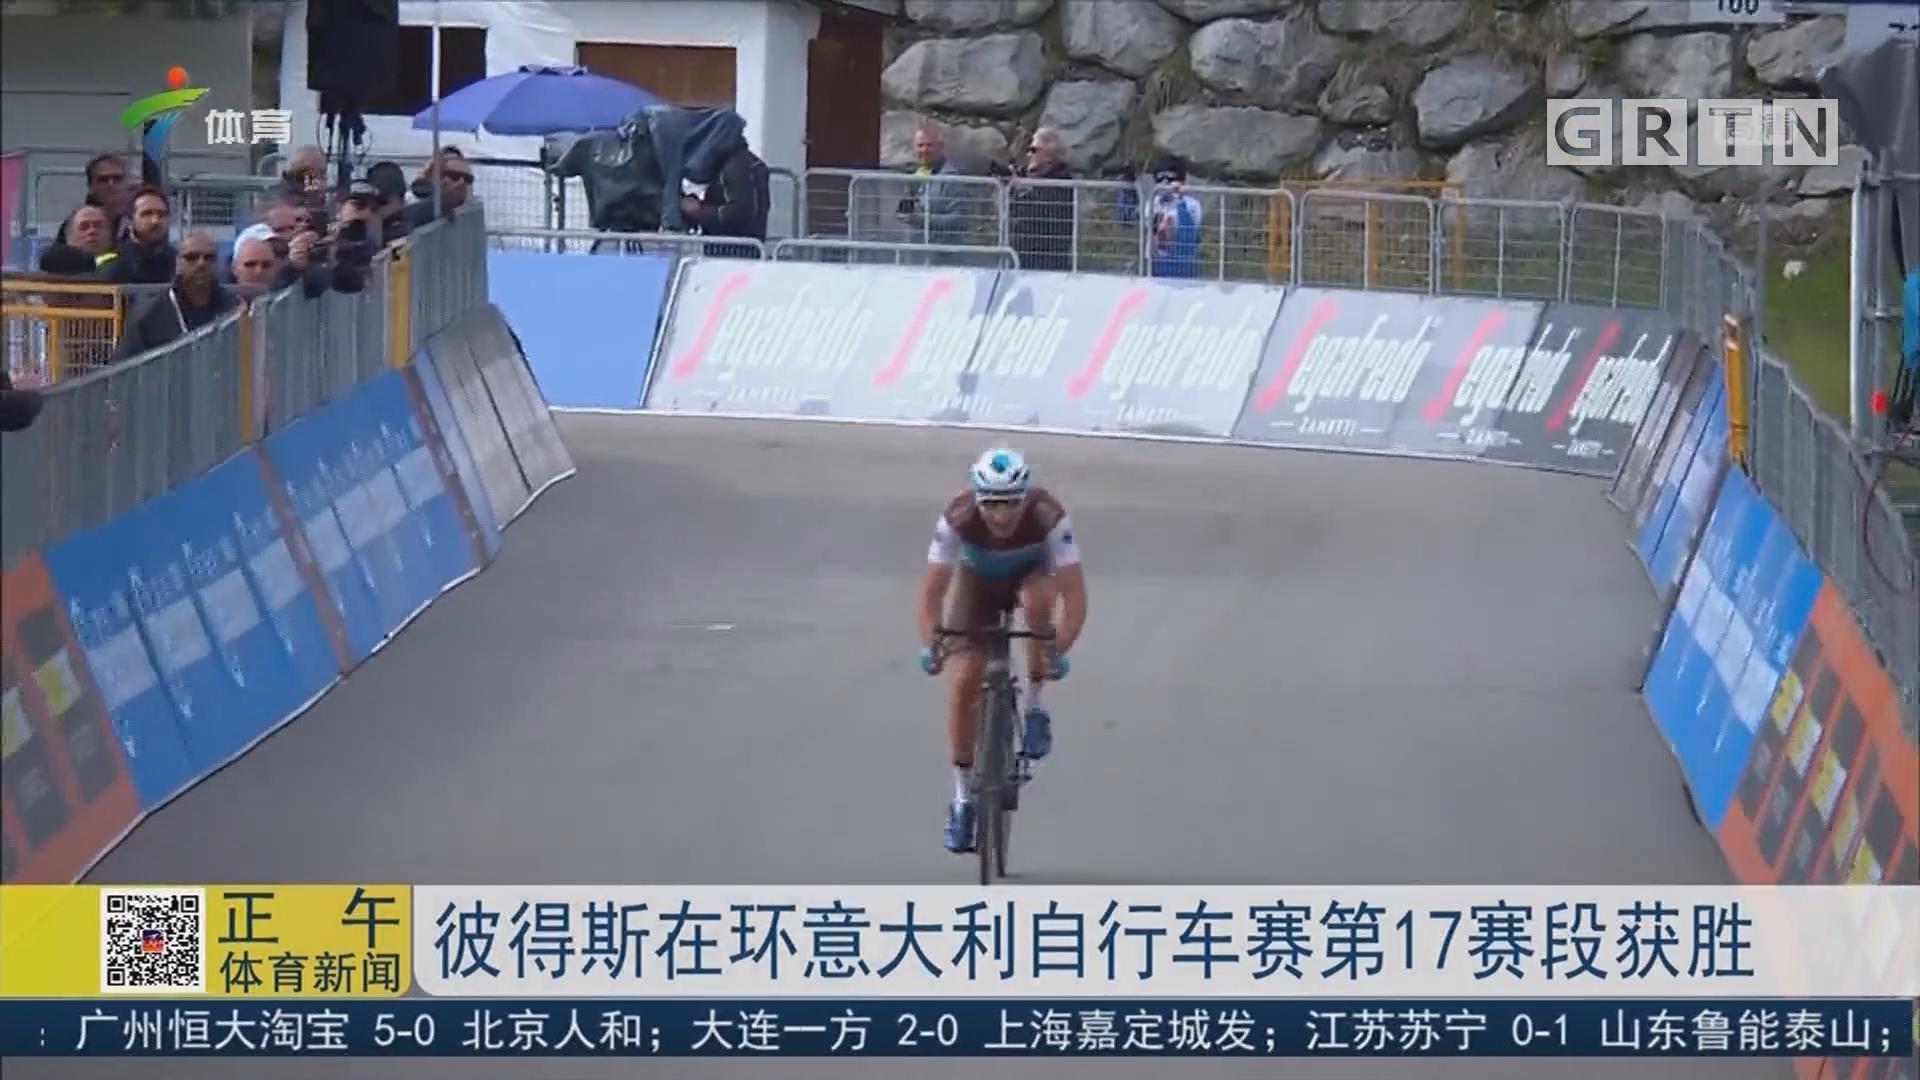 彼得斯在意大利自行车赛第17赛段获胜